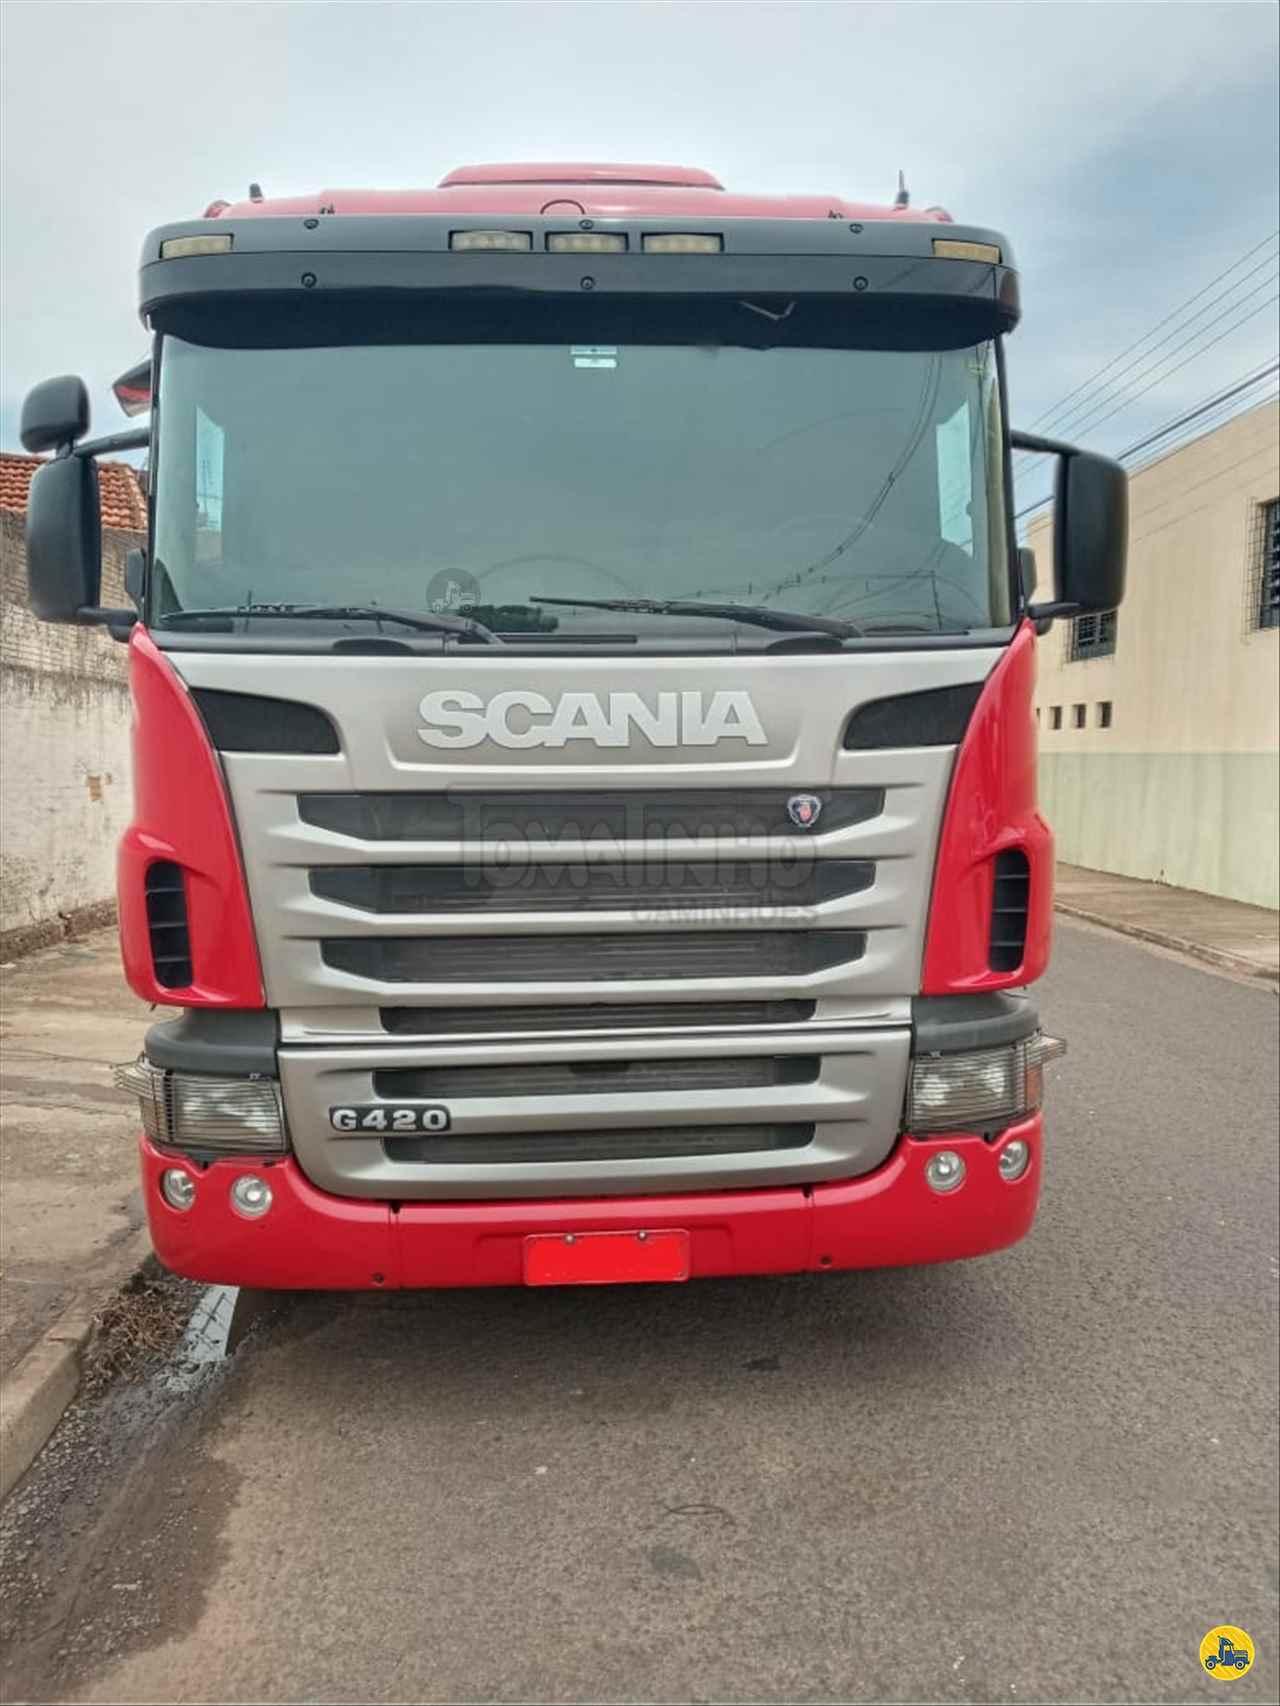 CAMINHAO SCANIA SCANIA 124 420 Cavalo Mecânico Truck 6x2 Tomatinho Caminhões BAURU SÃO PAULO SP